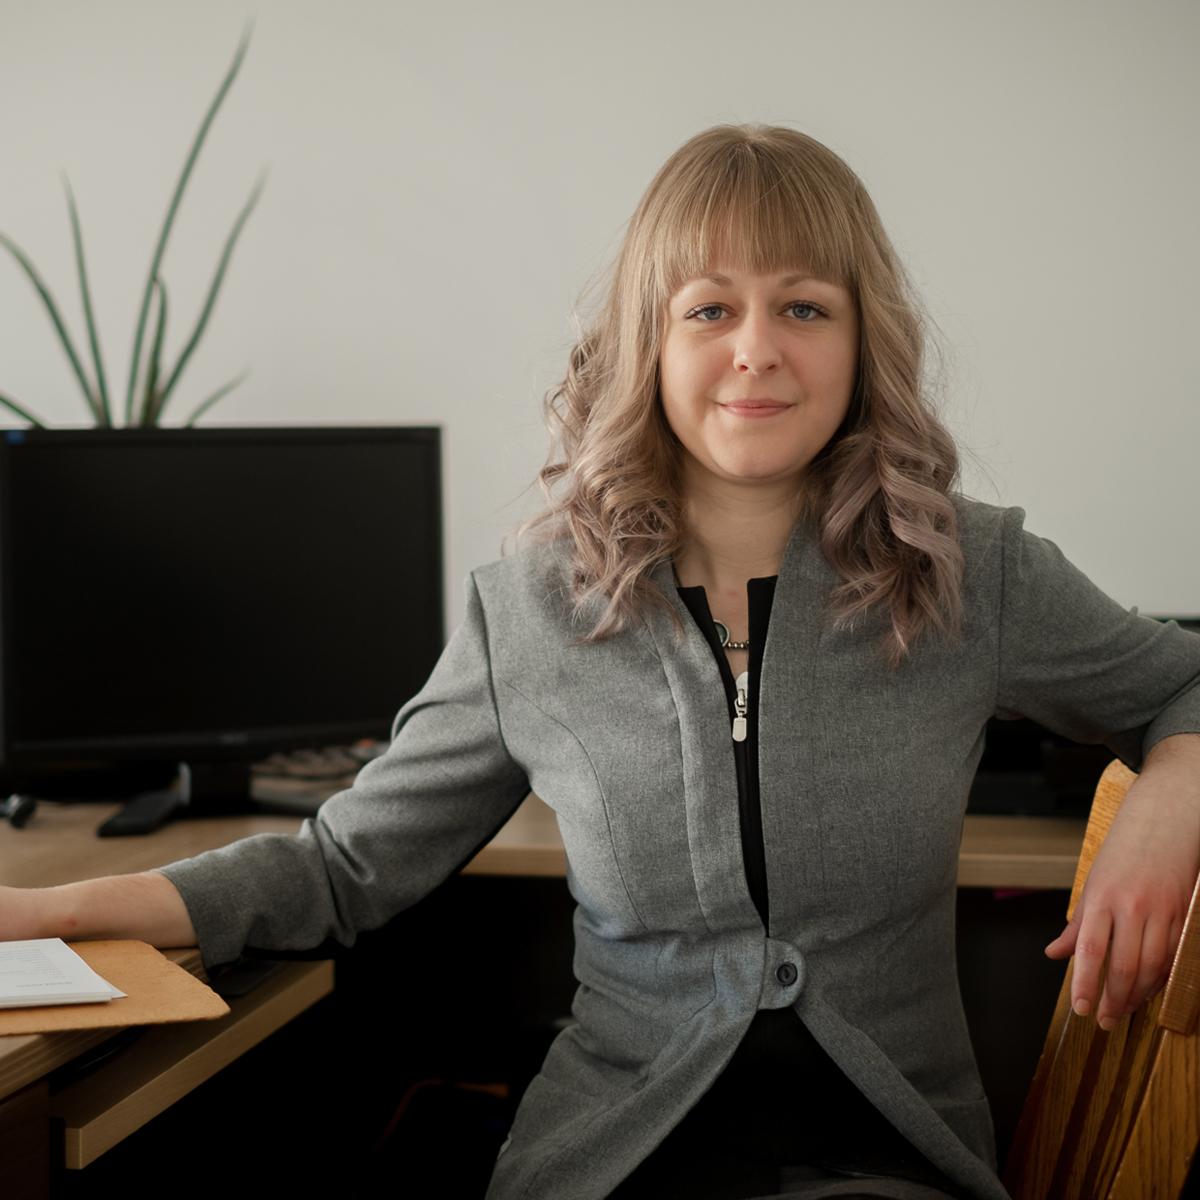 Jessica Manseau